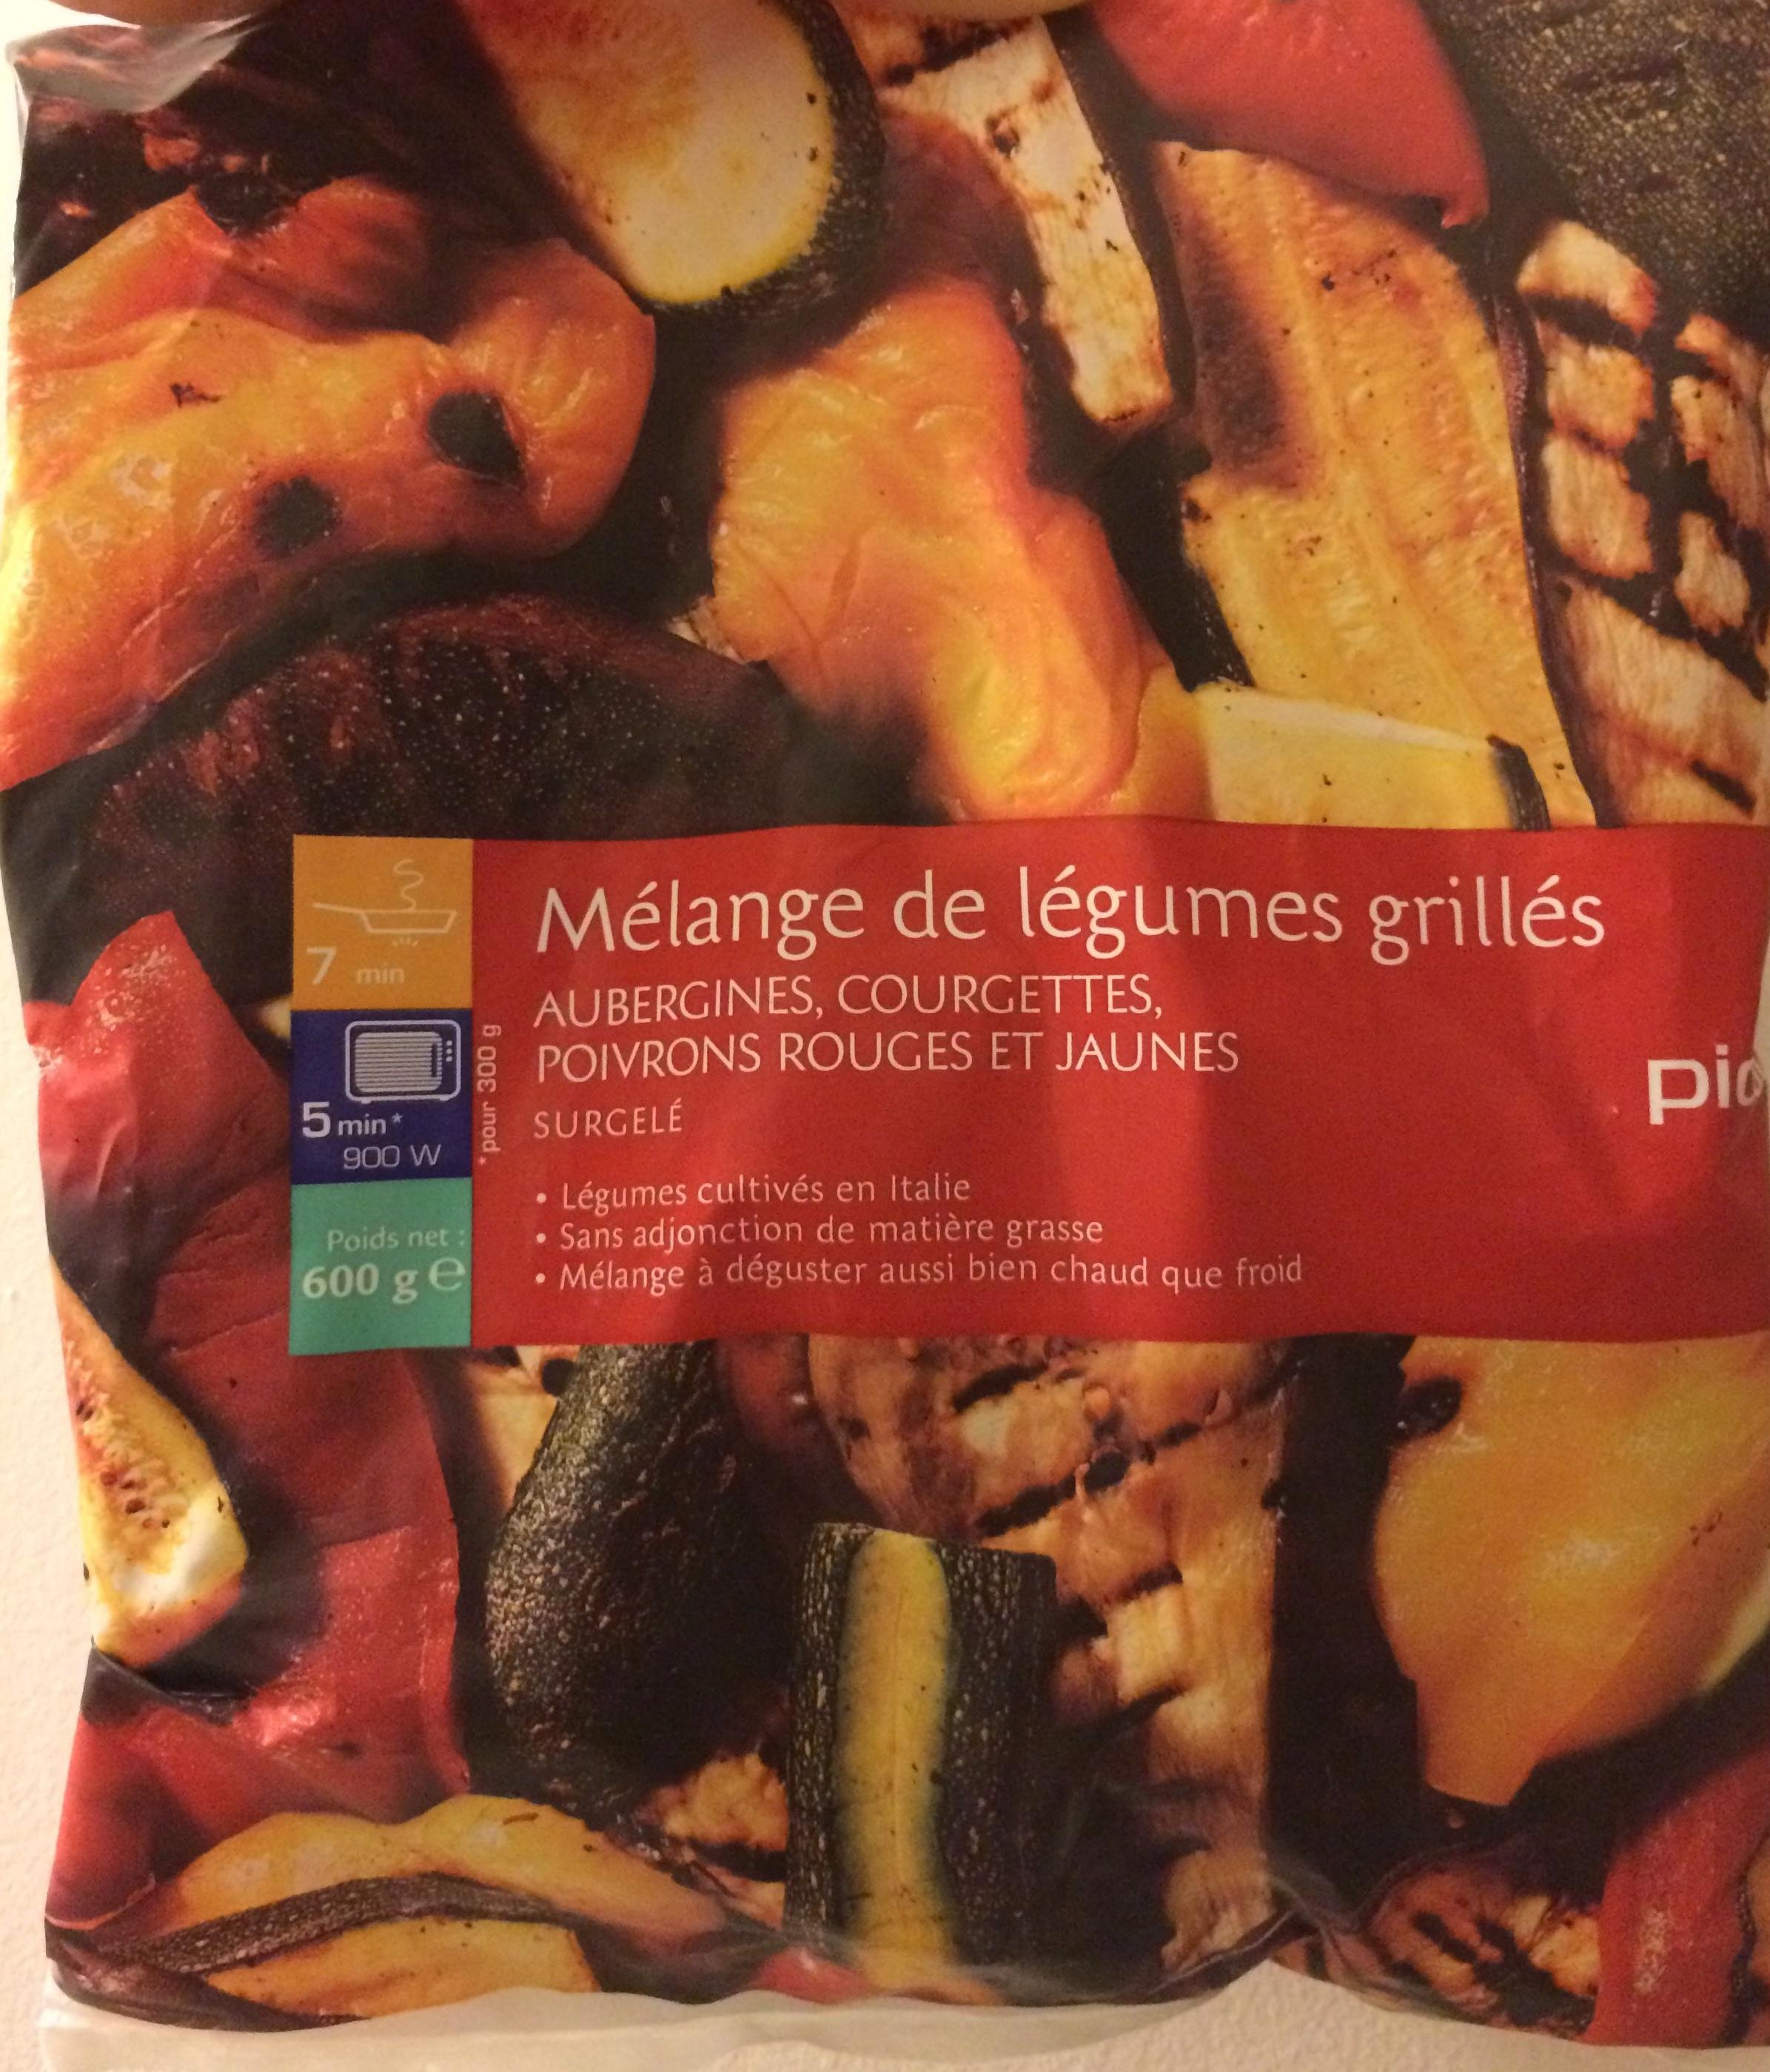 Mélange de légumes grilles - Product